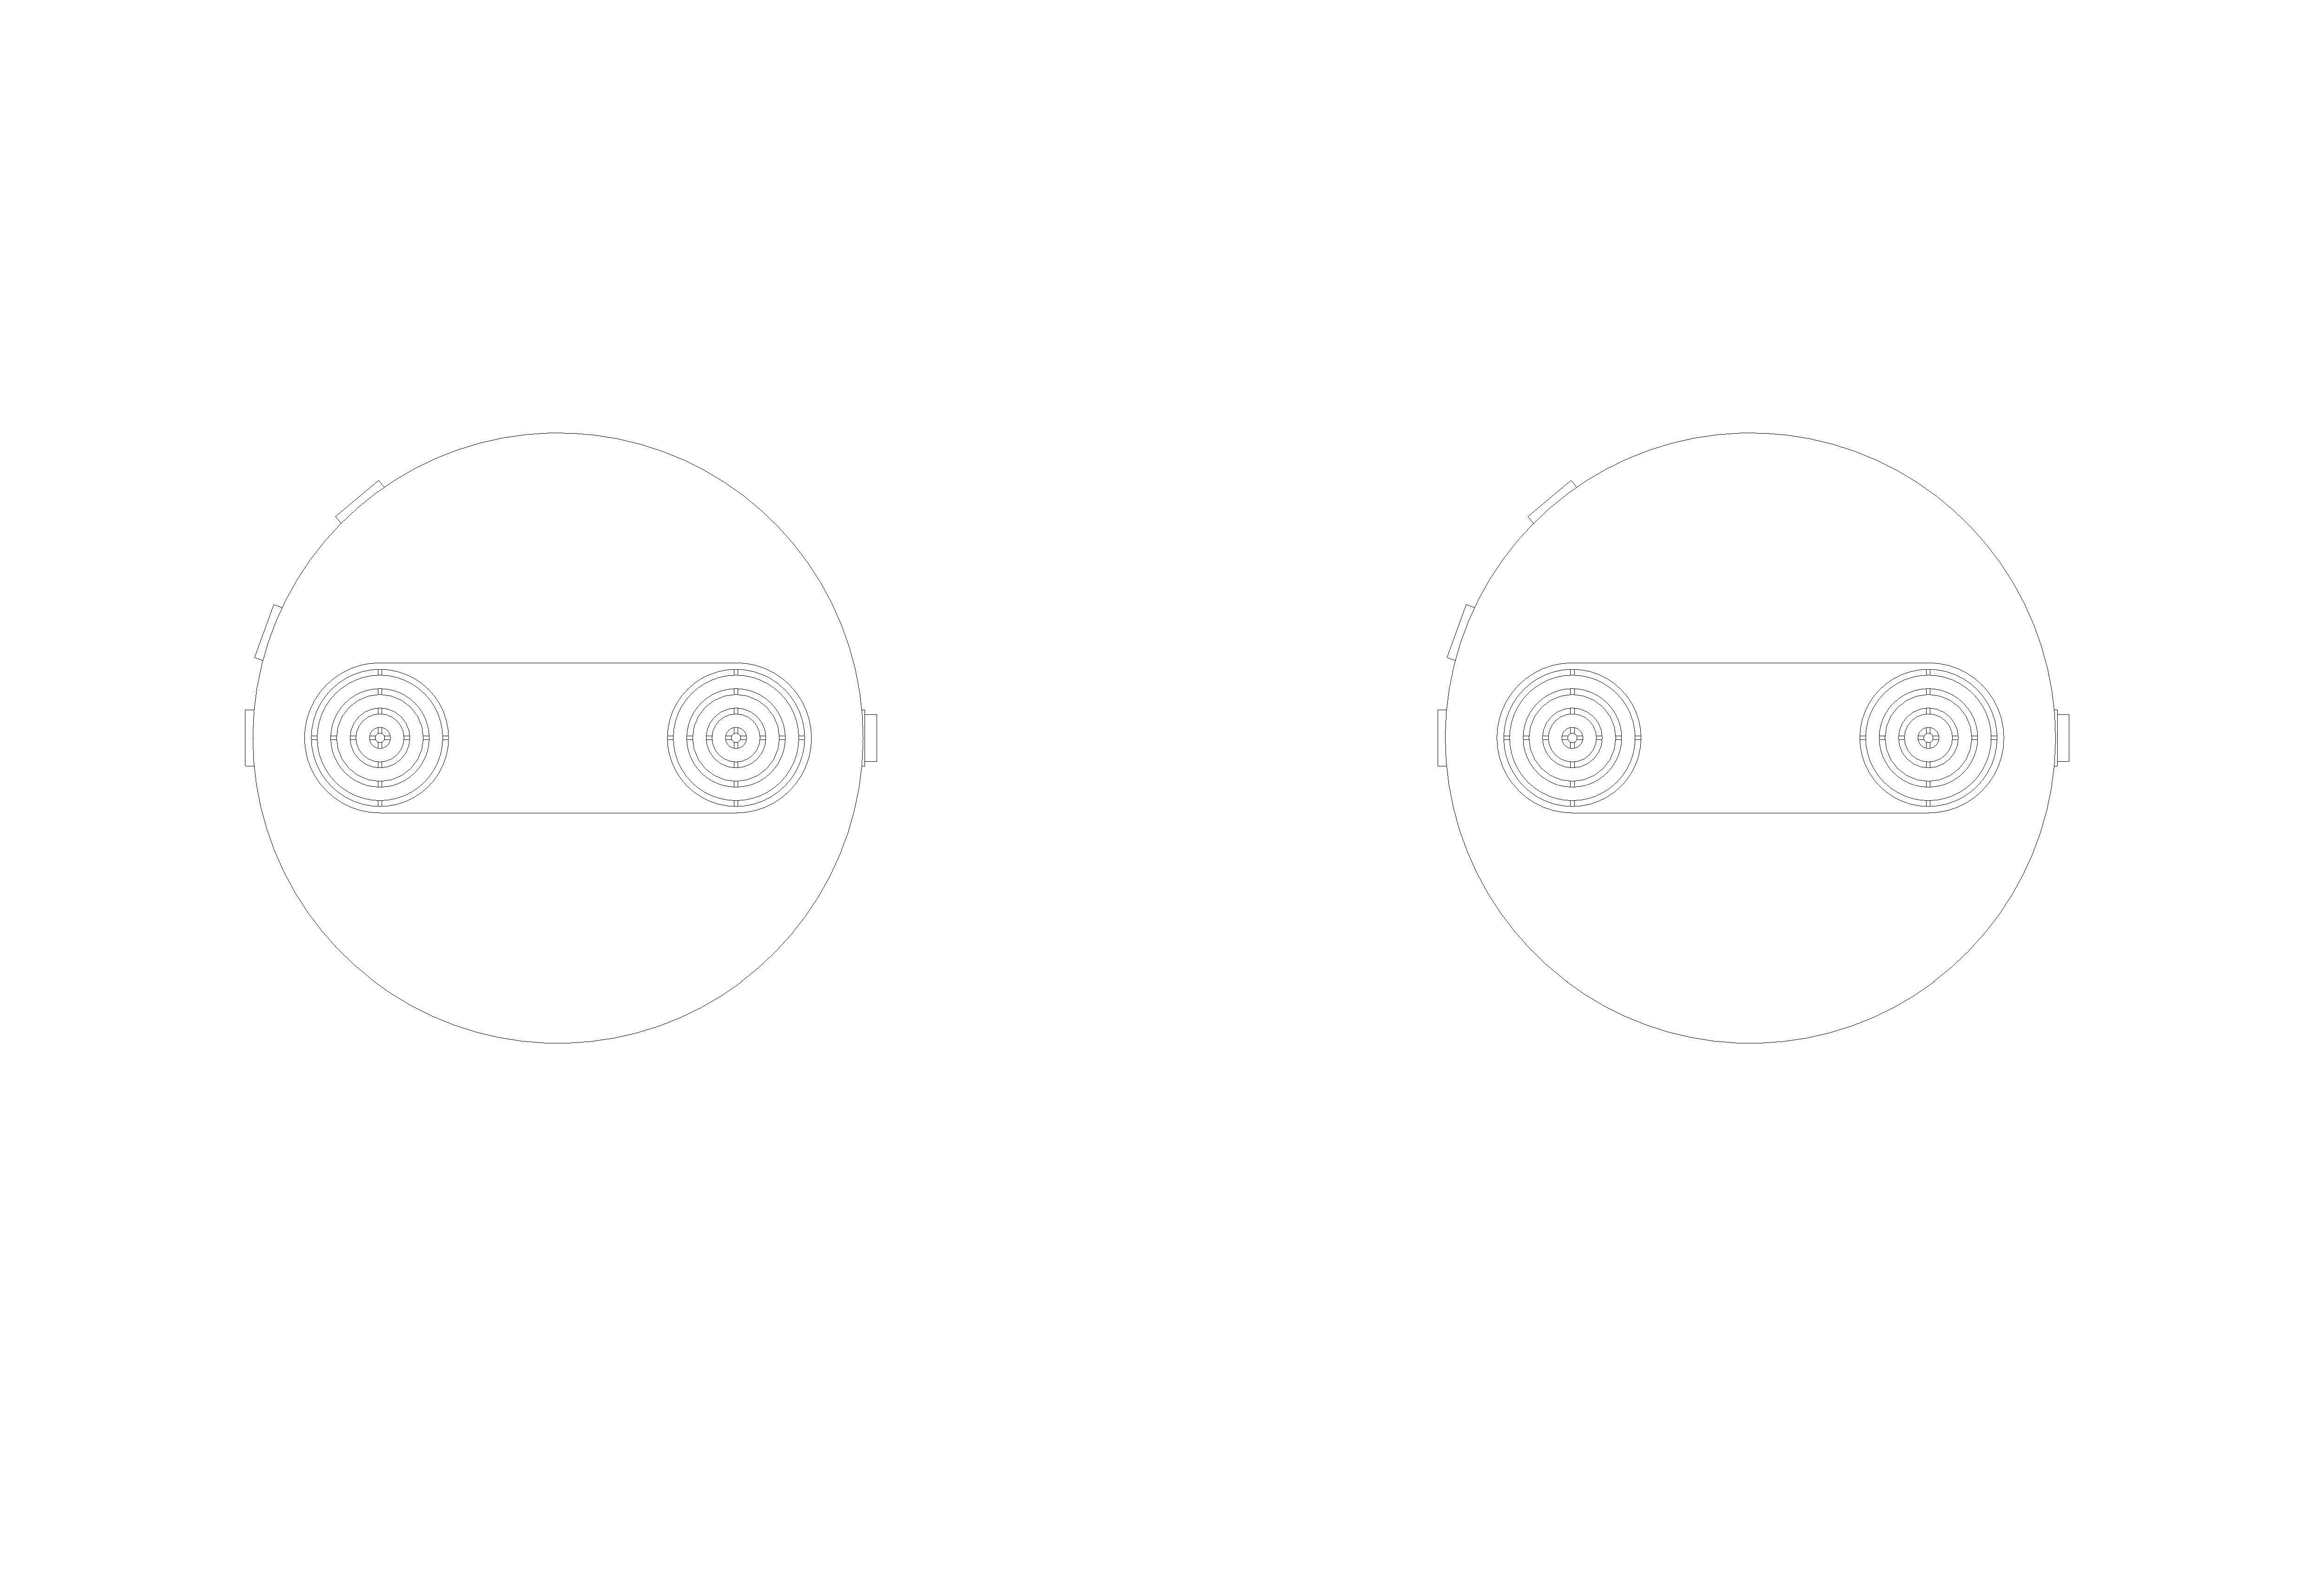 Dalis Water Heater Plan Image